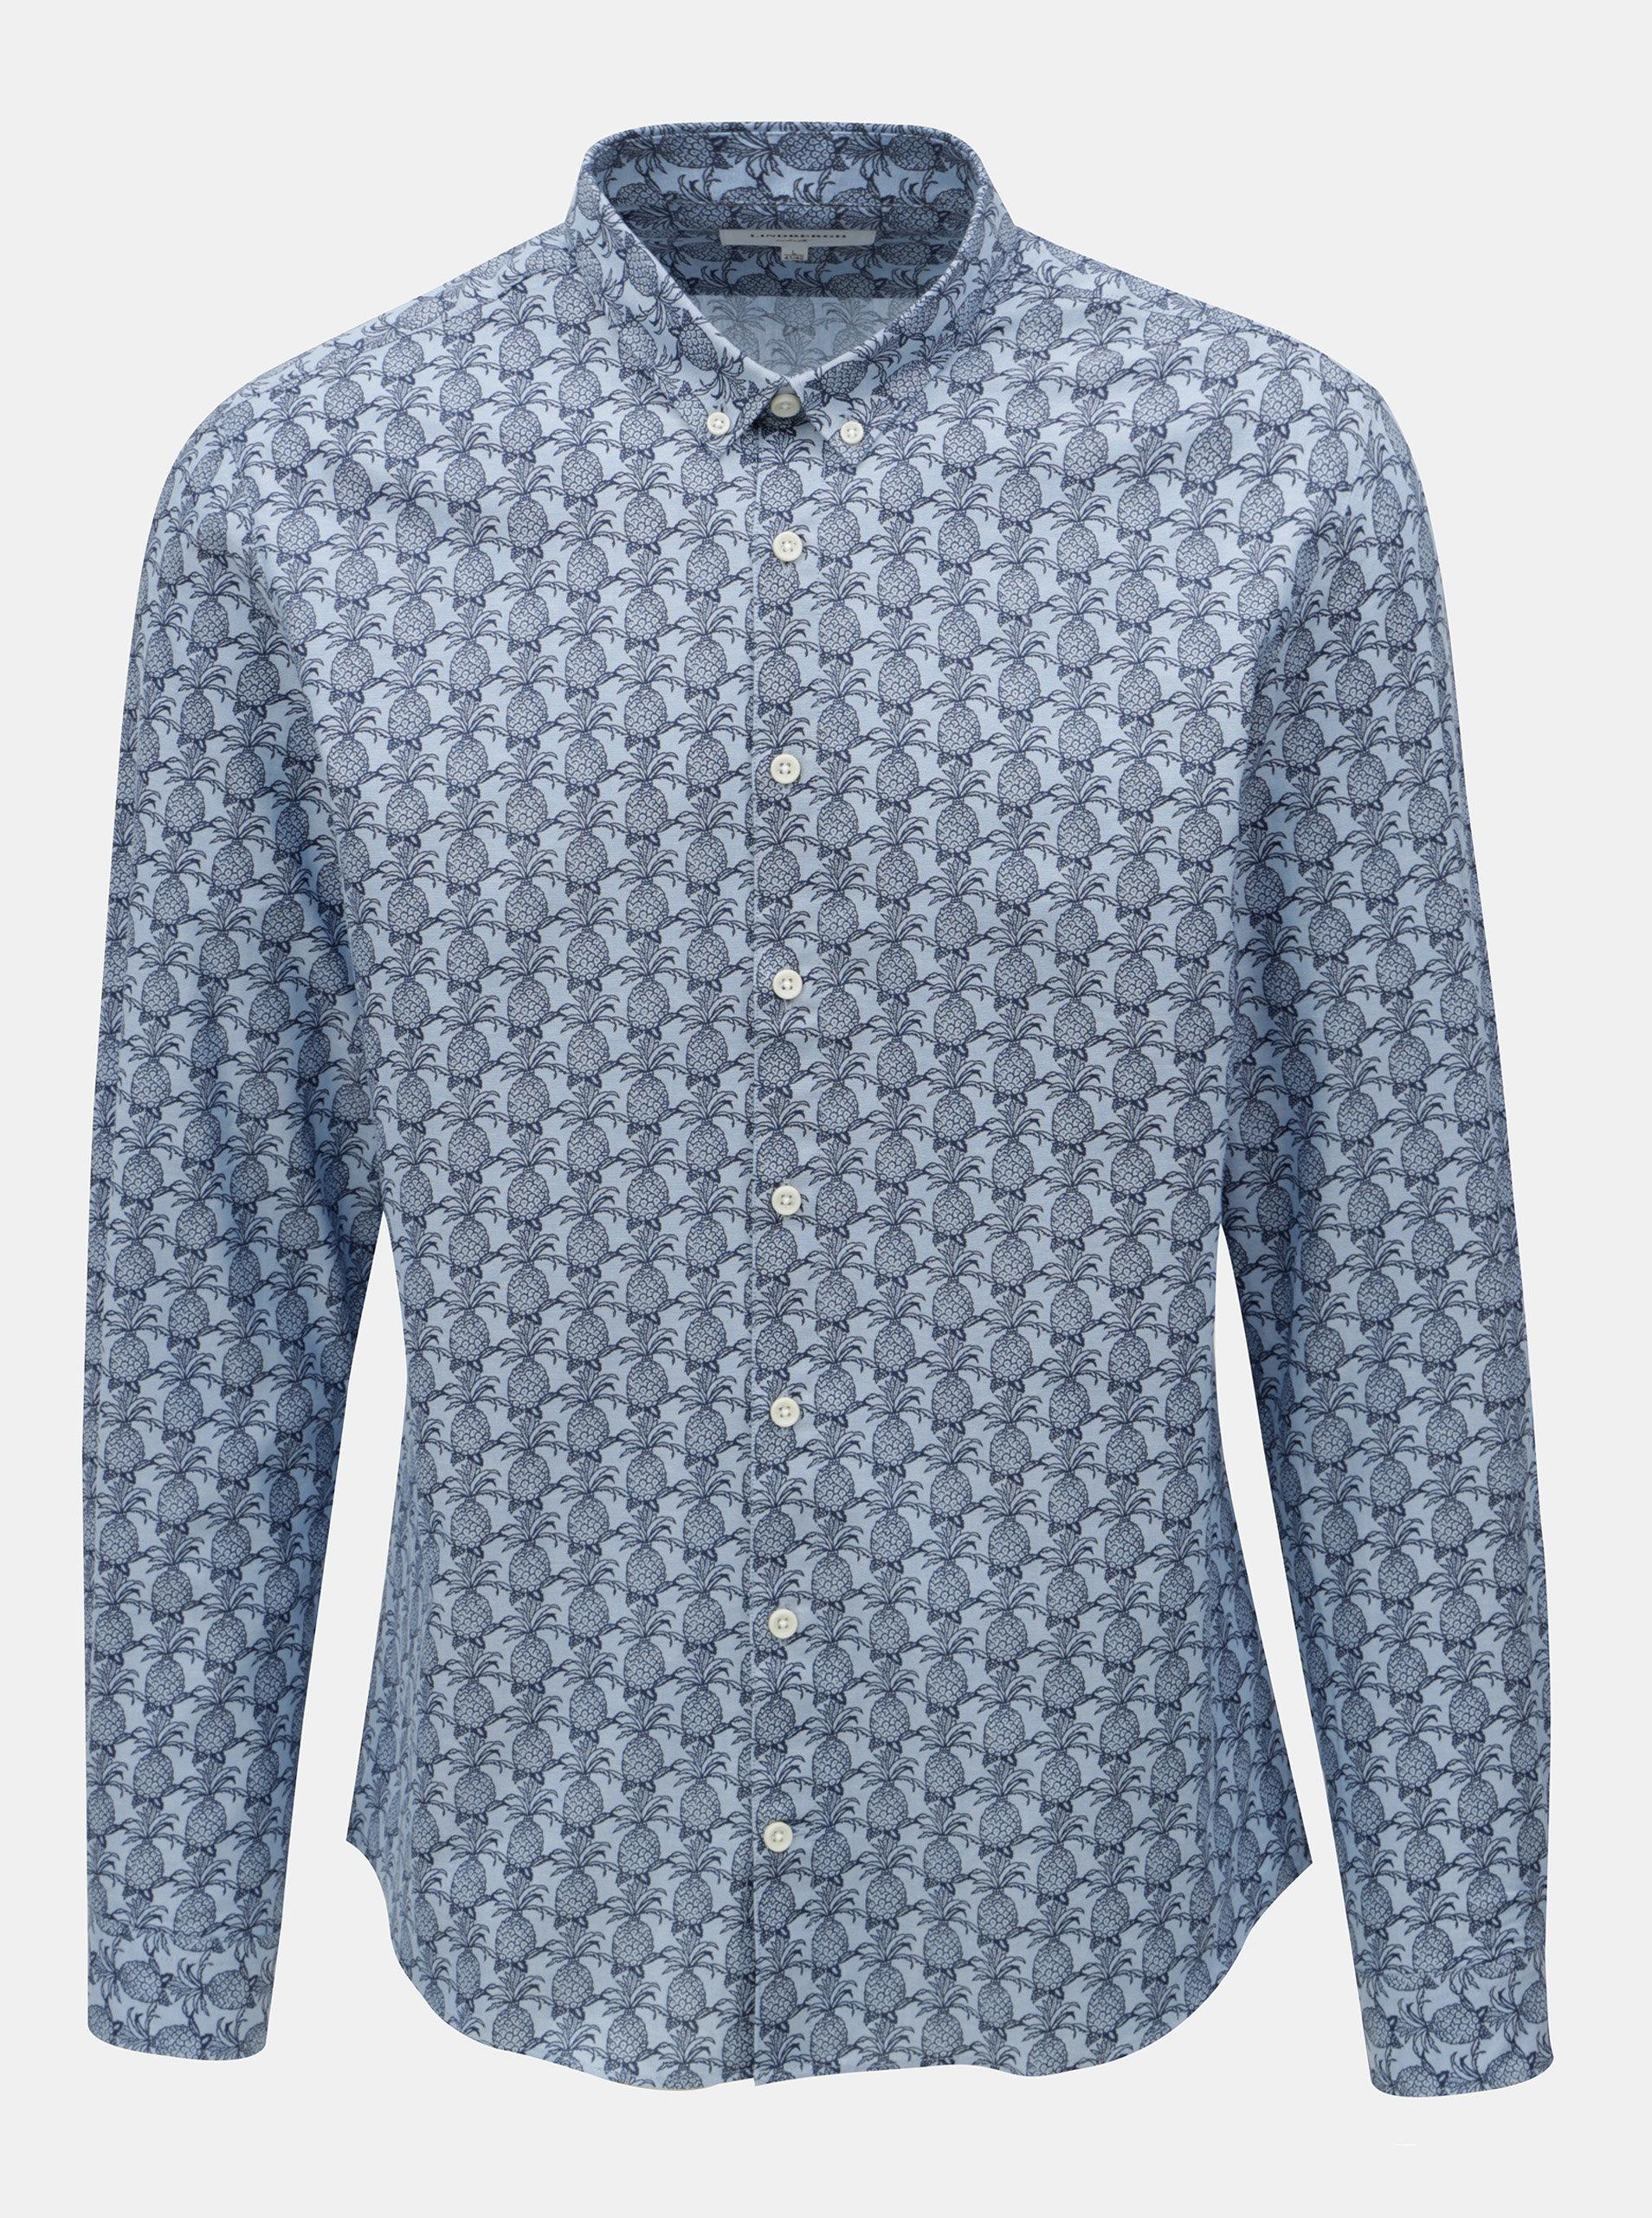 Světle modrá vzorovaná slim fit košile s dlouhým rukávem Lindbergh